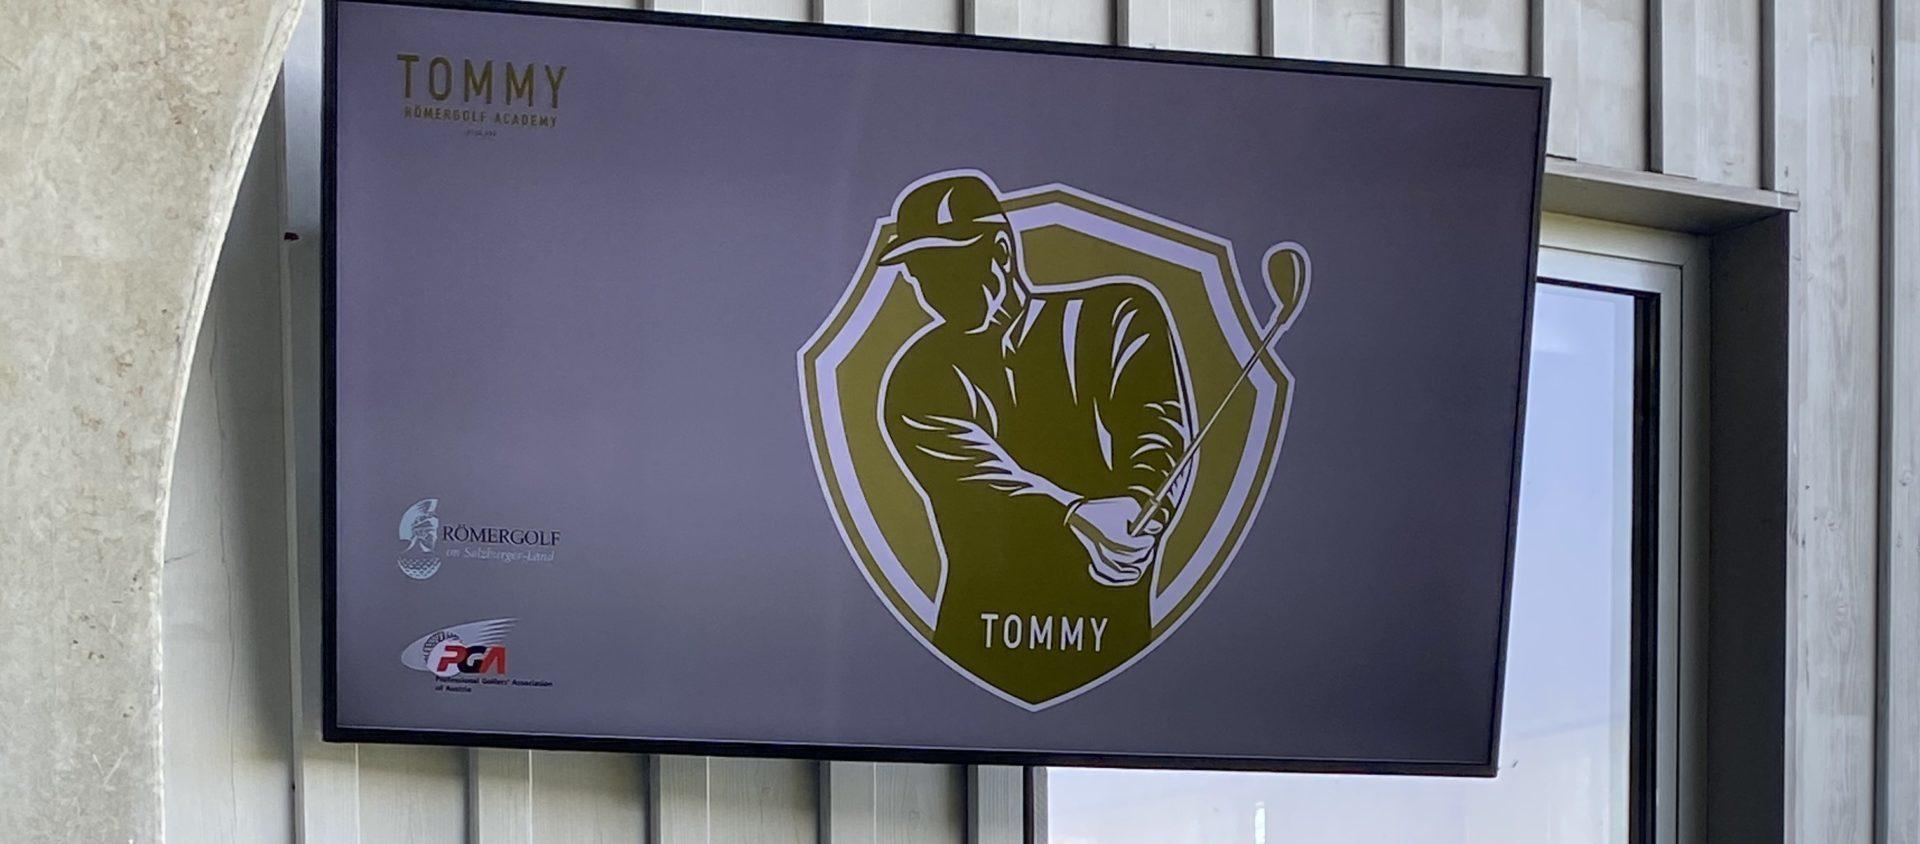 Digital Signage System mit Tommy Neureiter Golfschule